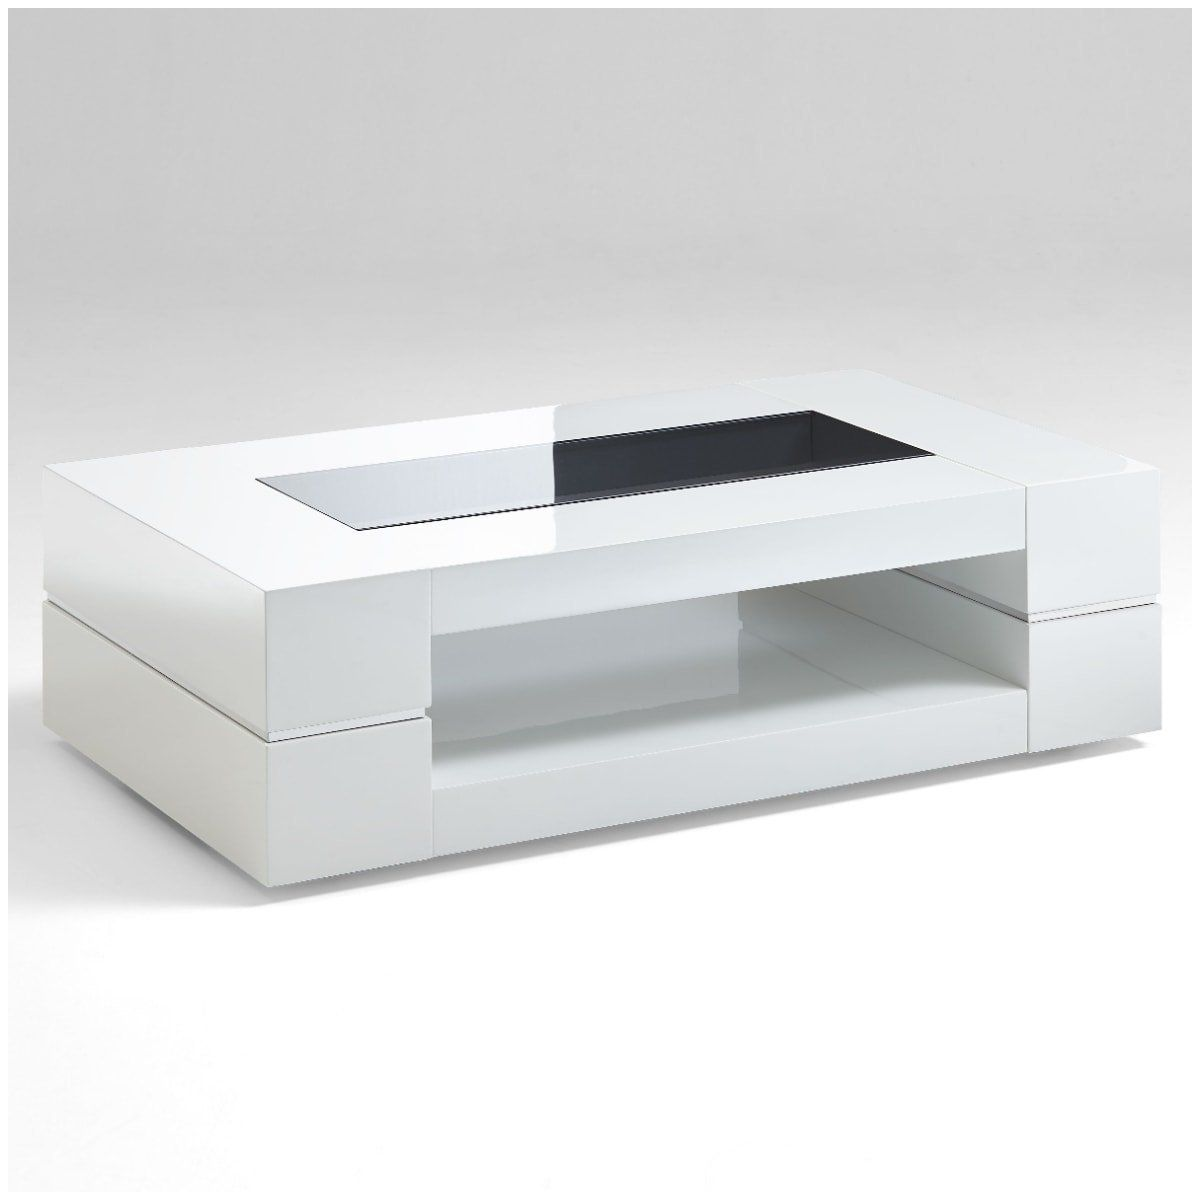 Couchtisch Weiss Hochglanz Mit Glasplatte Sera 120x70cm Glastisch Amazon De Kuche Haushalt Tea Table Design Living Table Coffee Table [ 1200 x 1200 Pixel ]